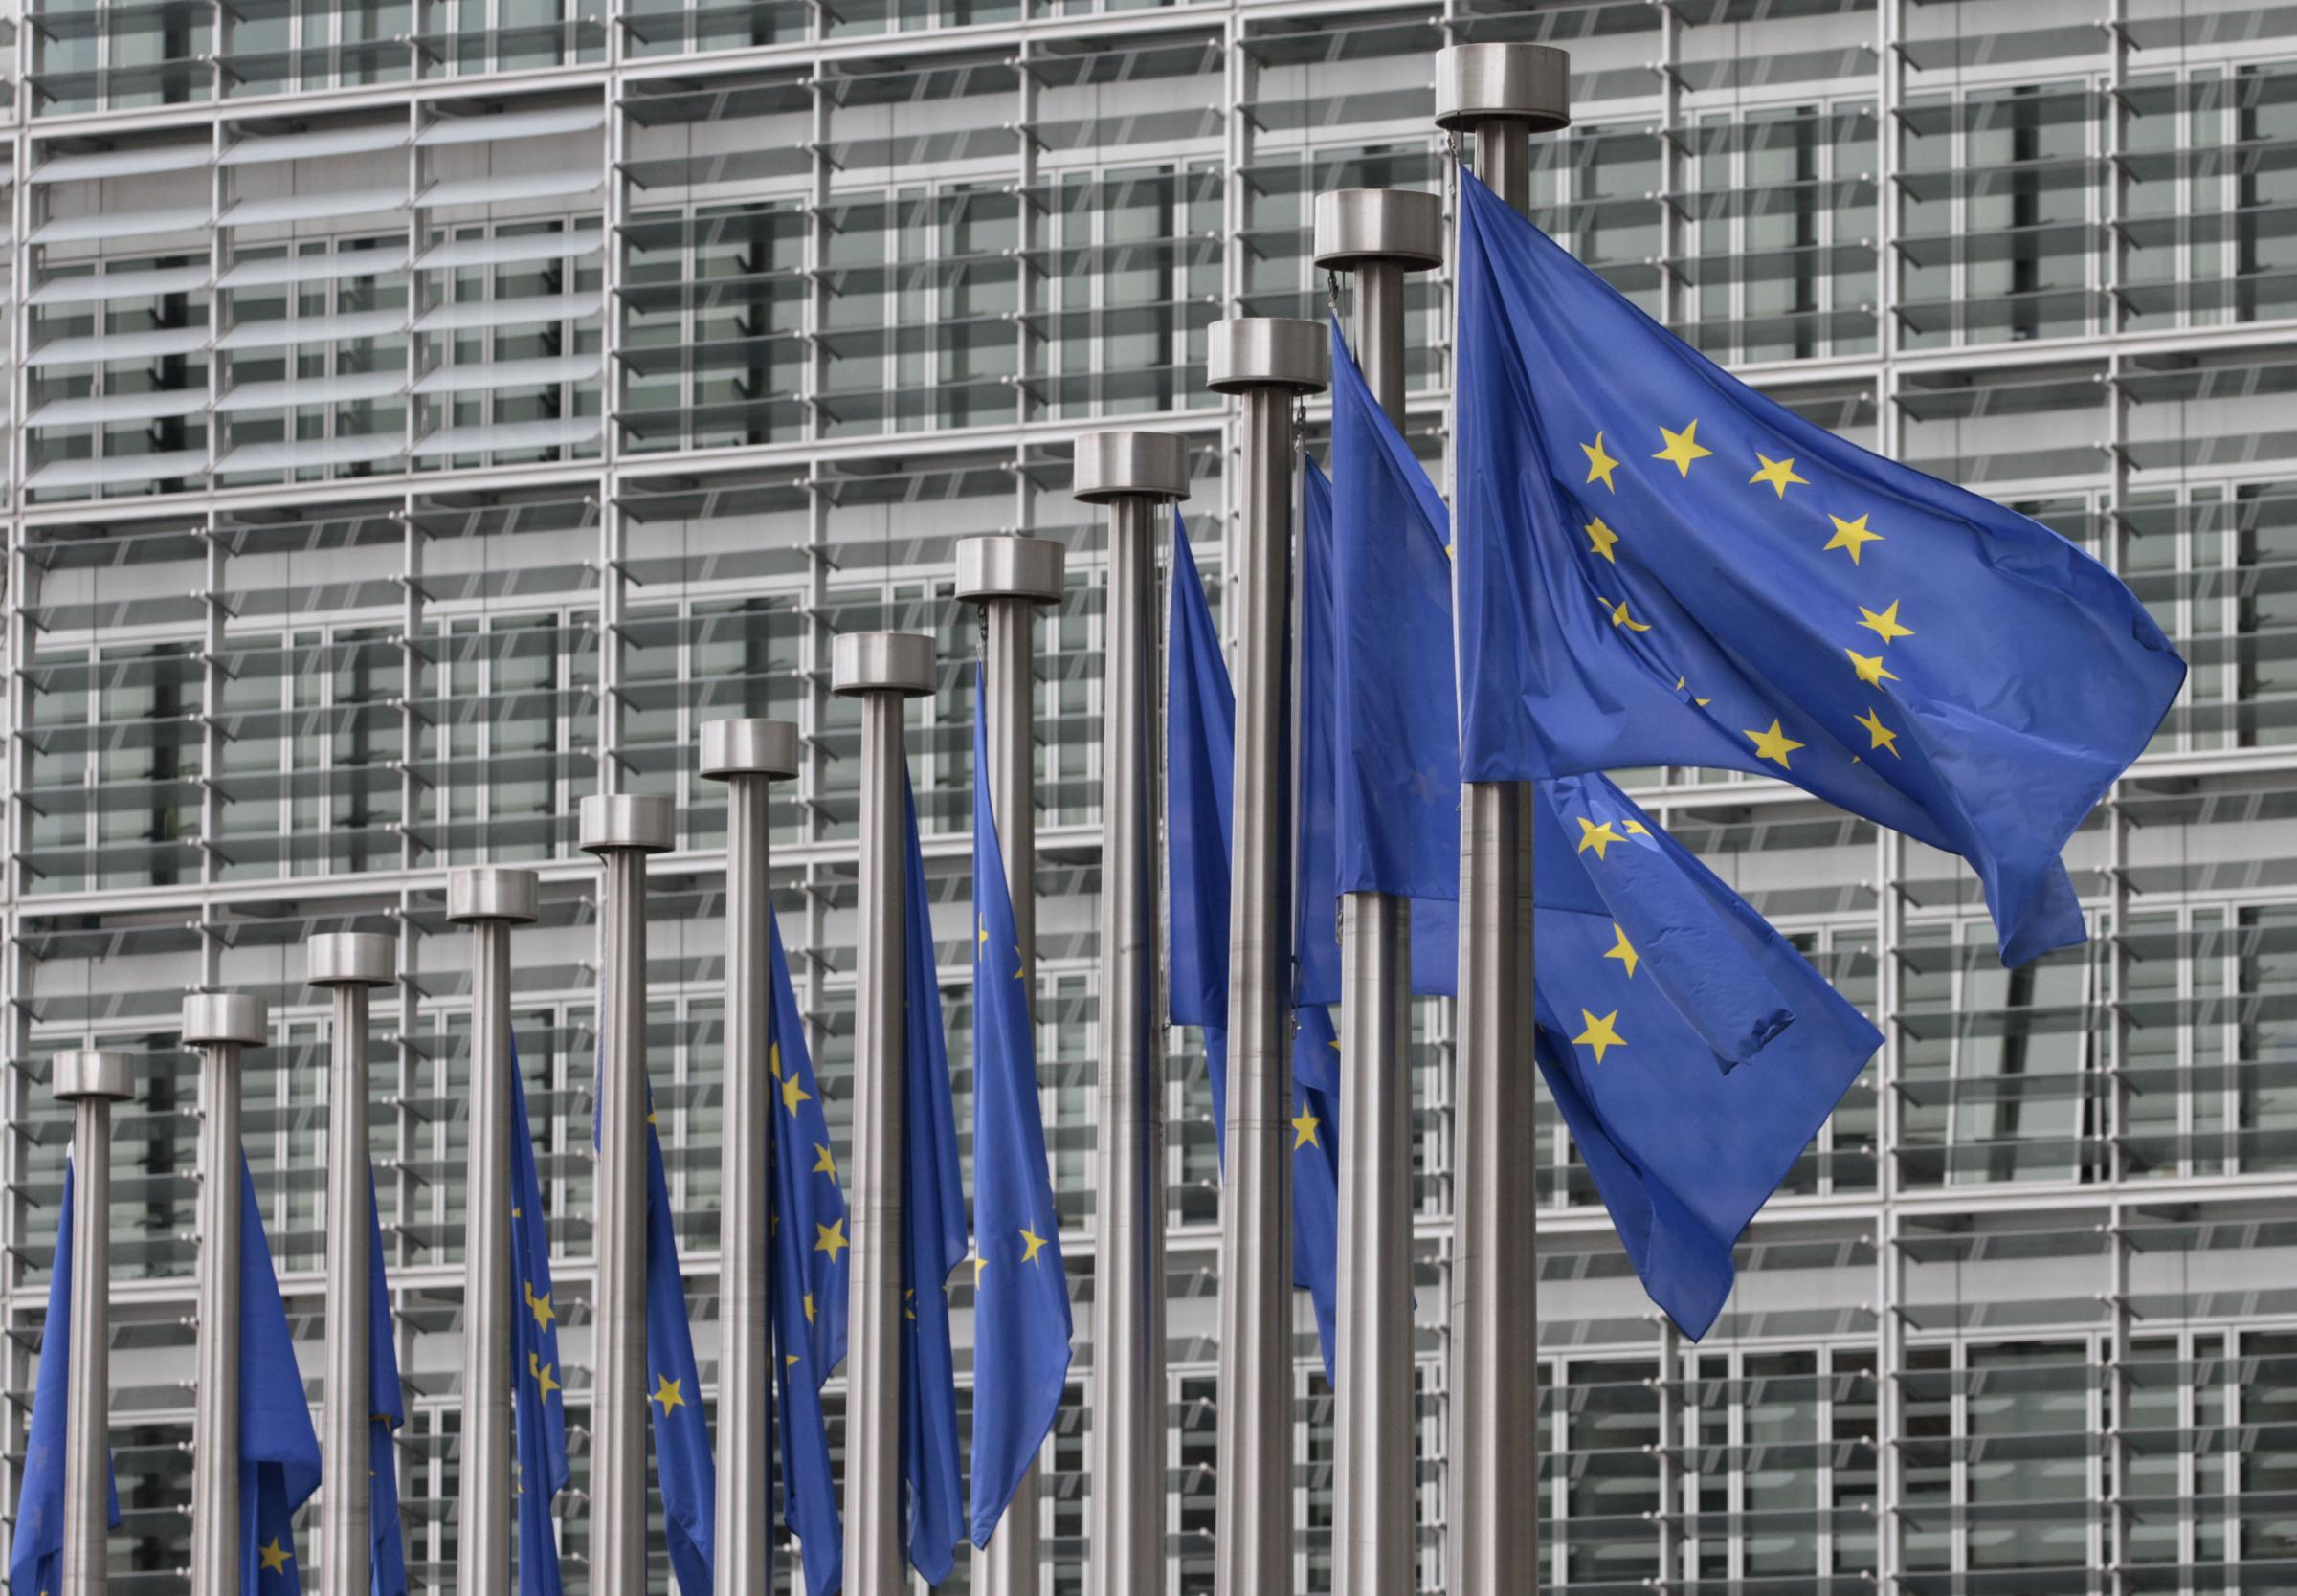 L'unione sanitaria europea passa anche da un diverso ruolo delle agenzie